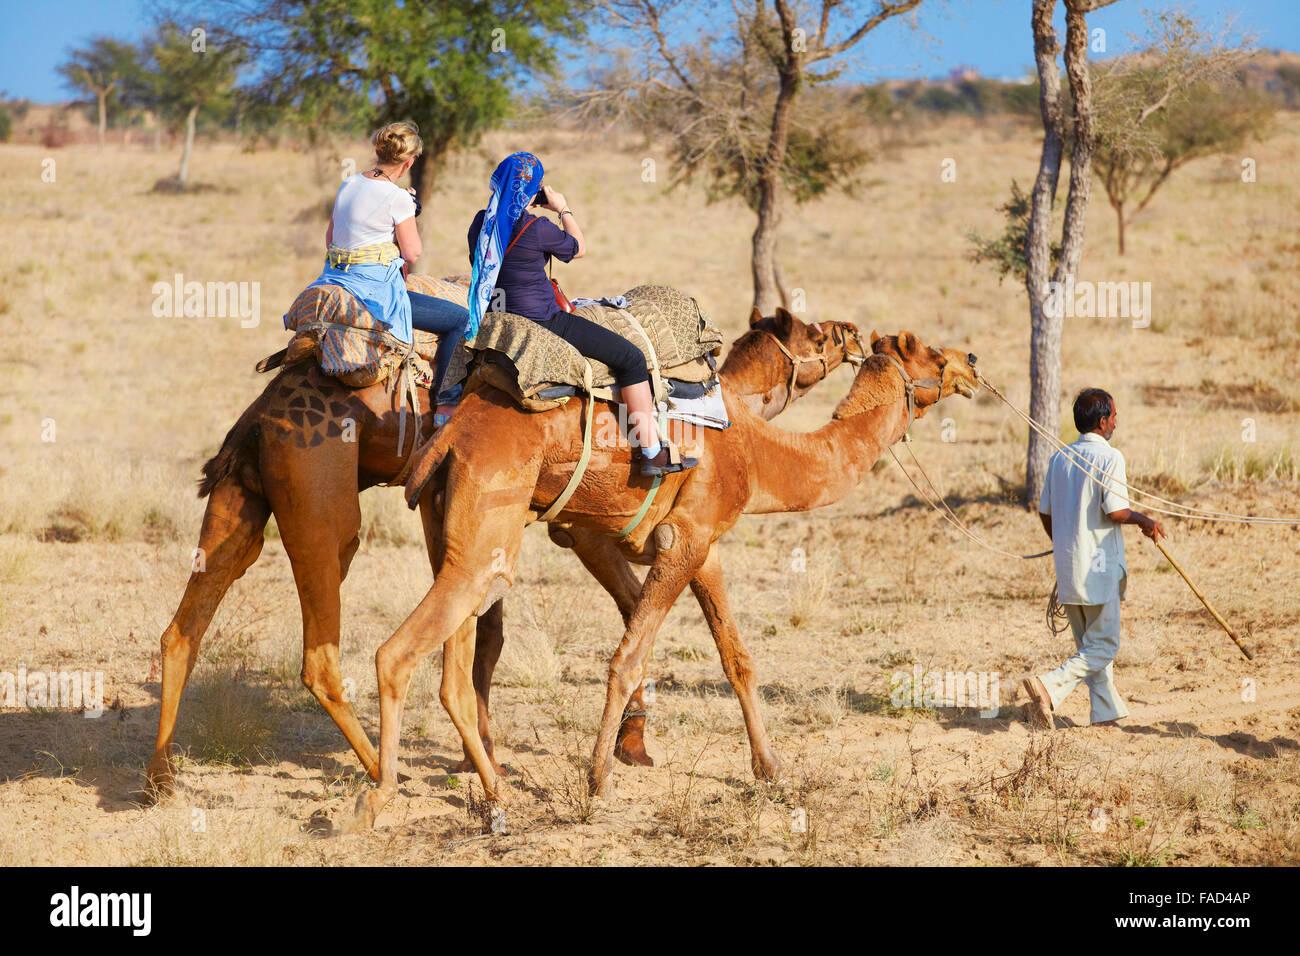 Due i cammelli con i turisti di marcia safari sul deserto del Thar vicino a Jaisalmer, India Immagini Stock